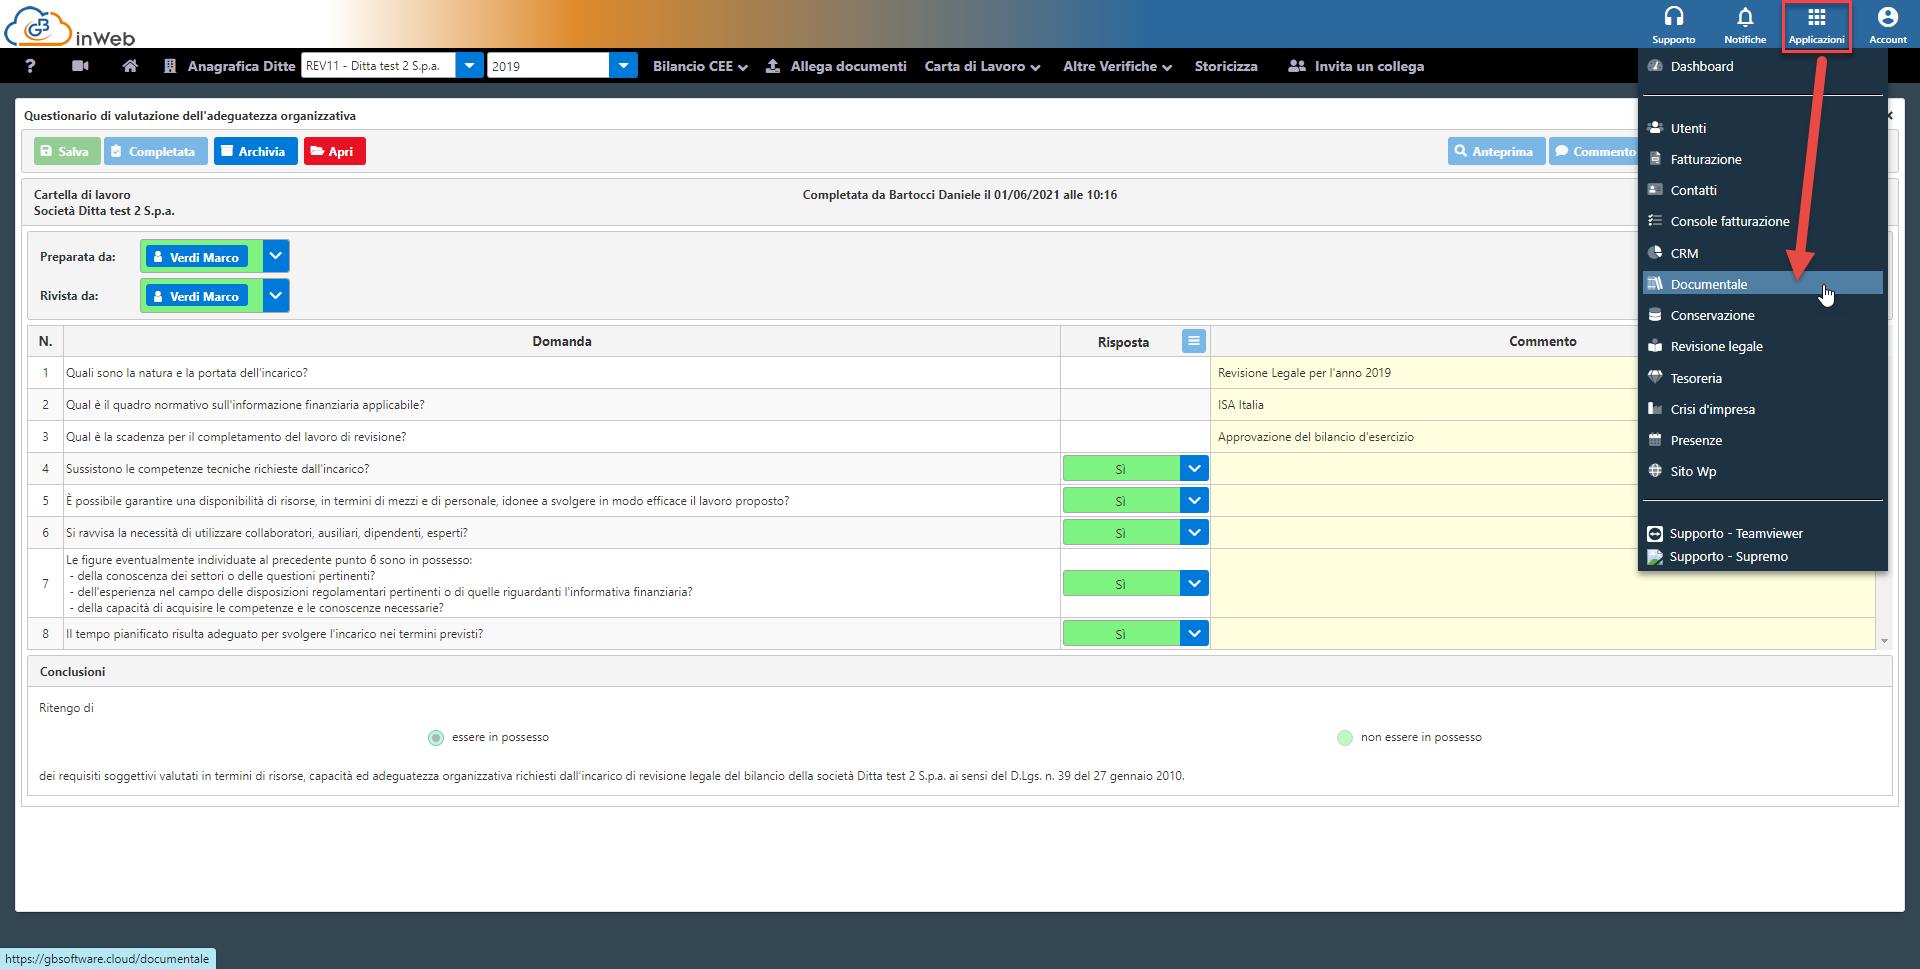 Revisione legale: carte di lavoro: accesso all'archivio in cloud